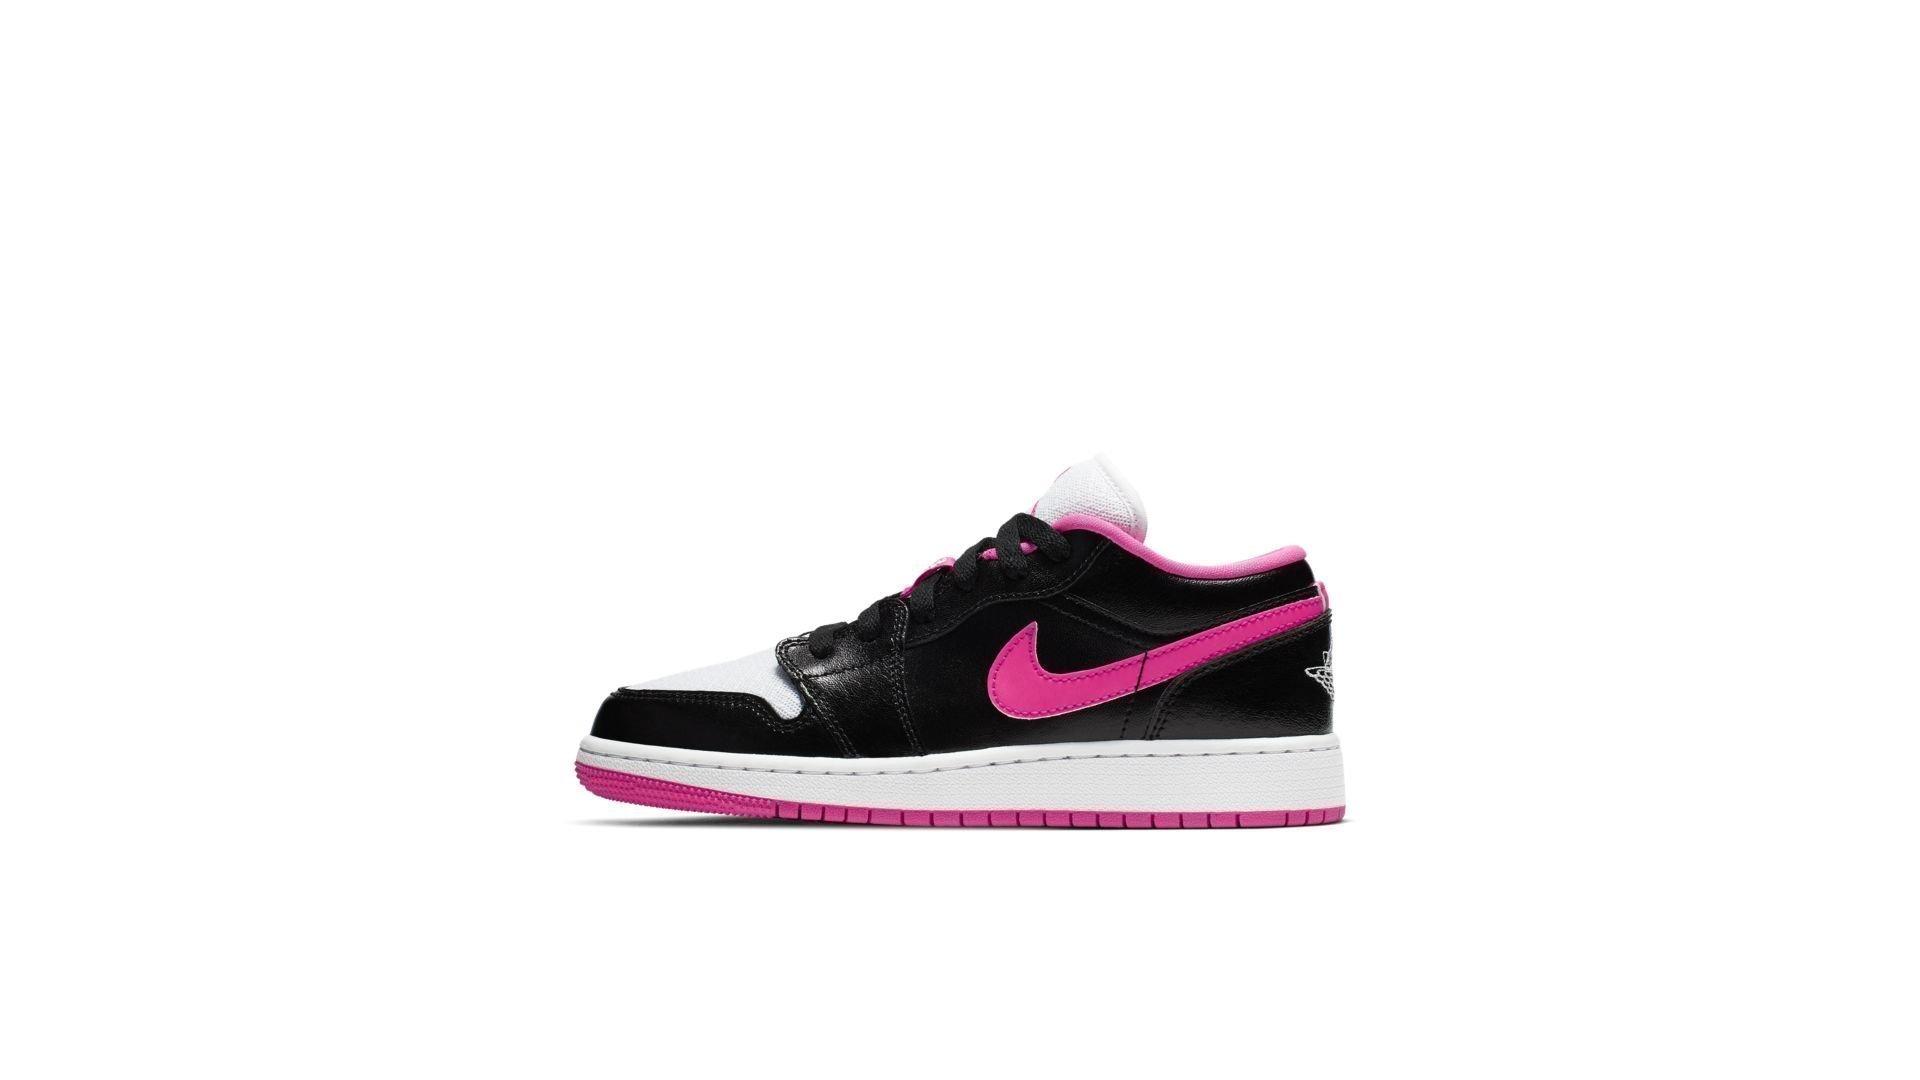 Jordan 1 Low Black White Hyper Pink (GS) (554723-061)